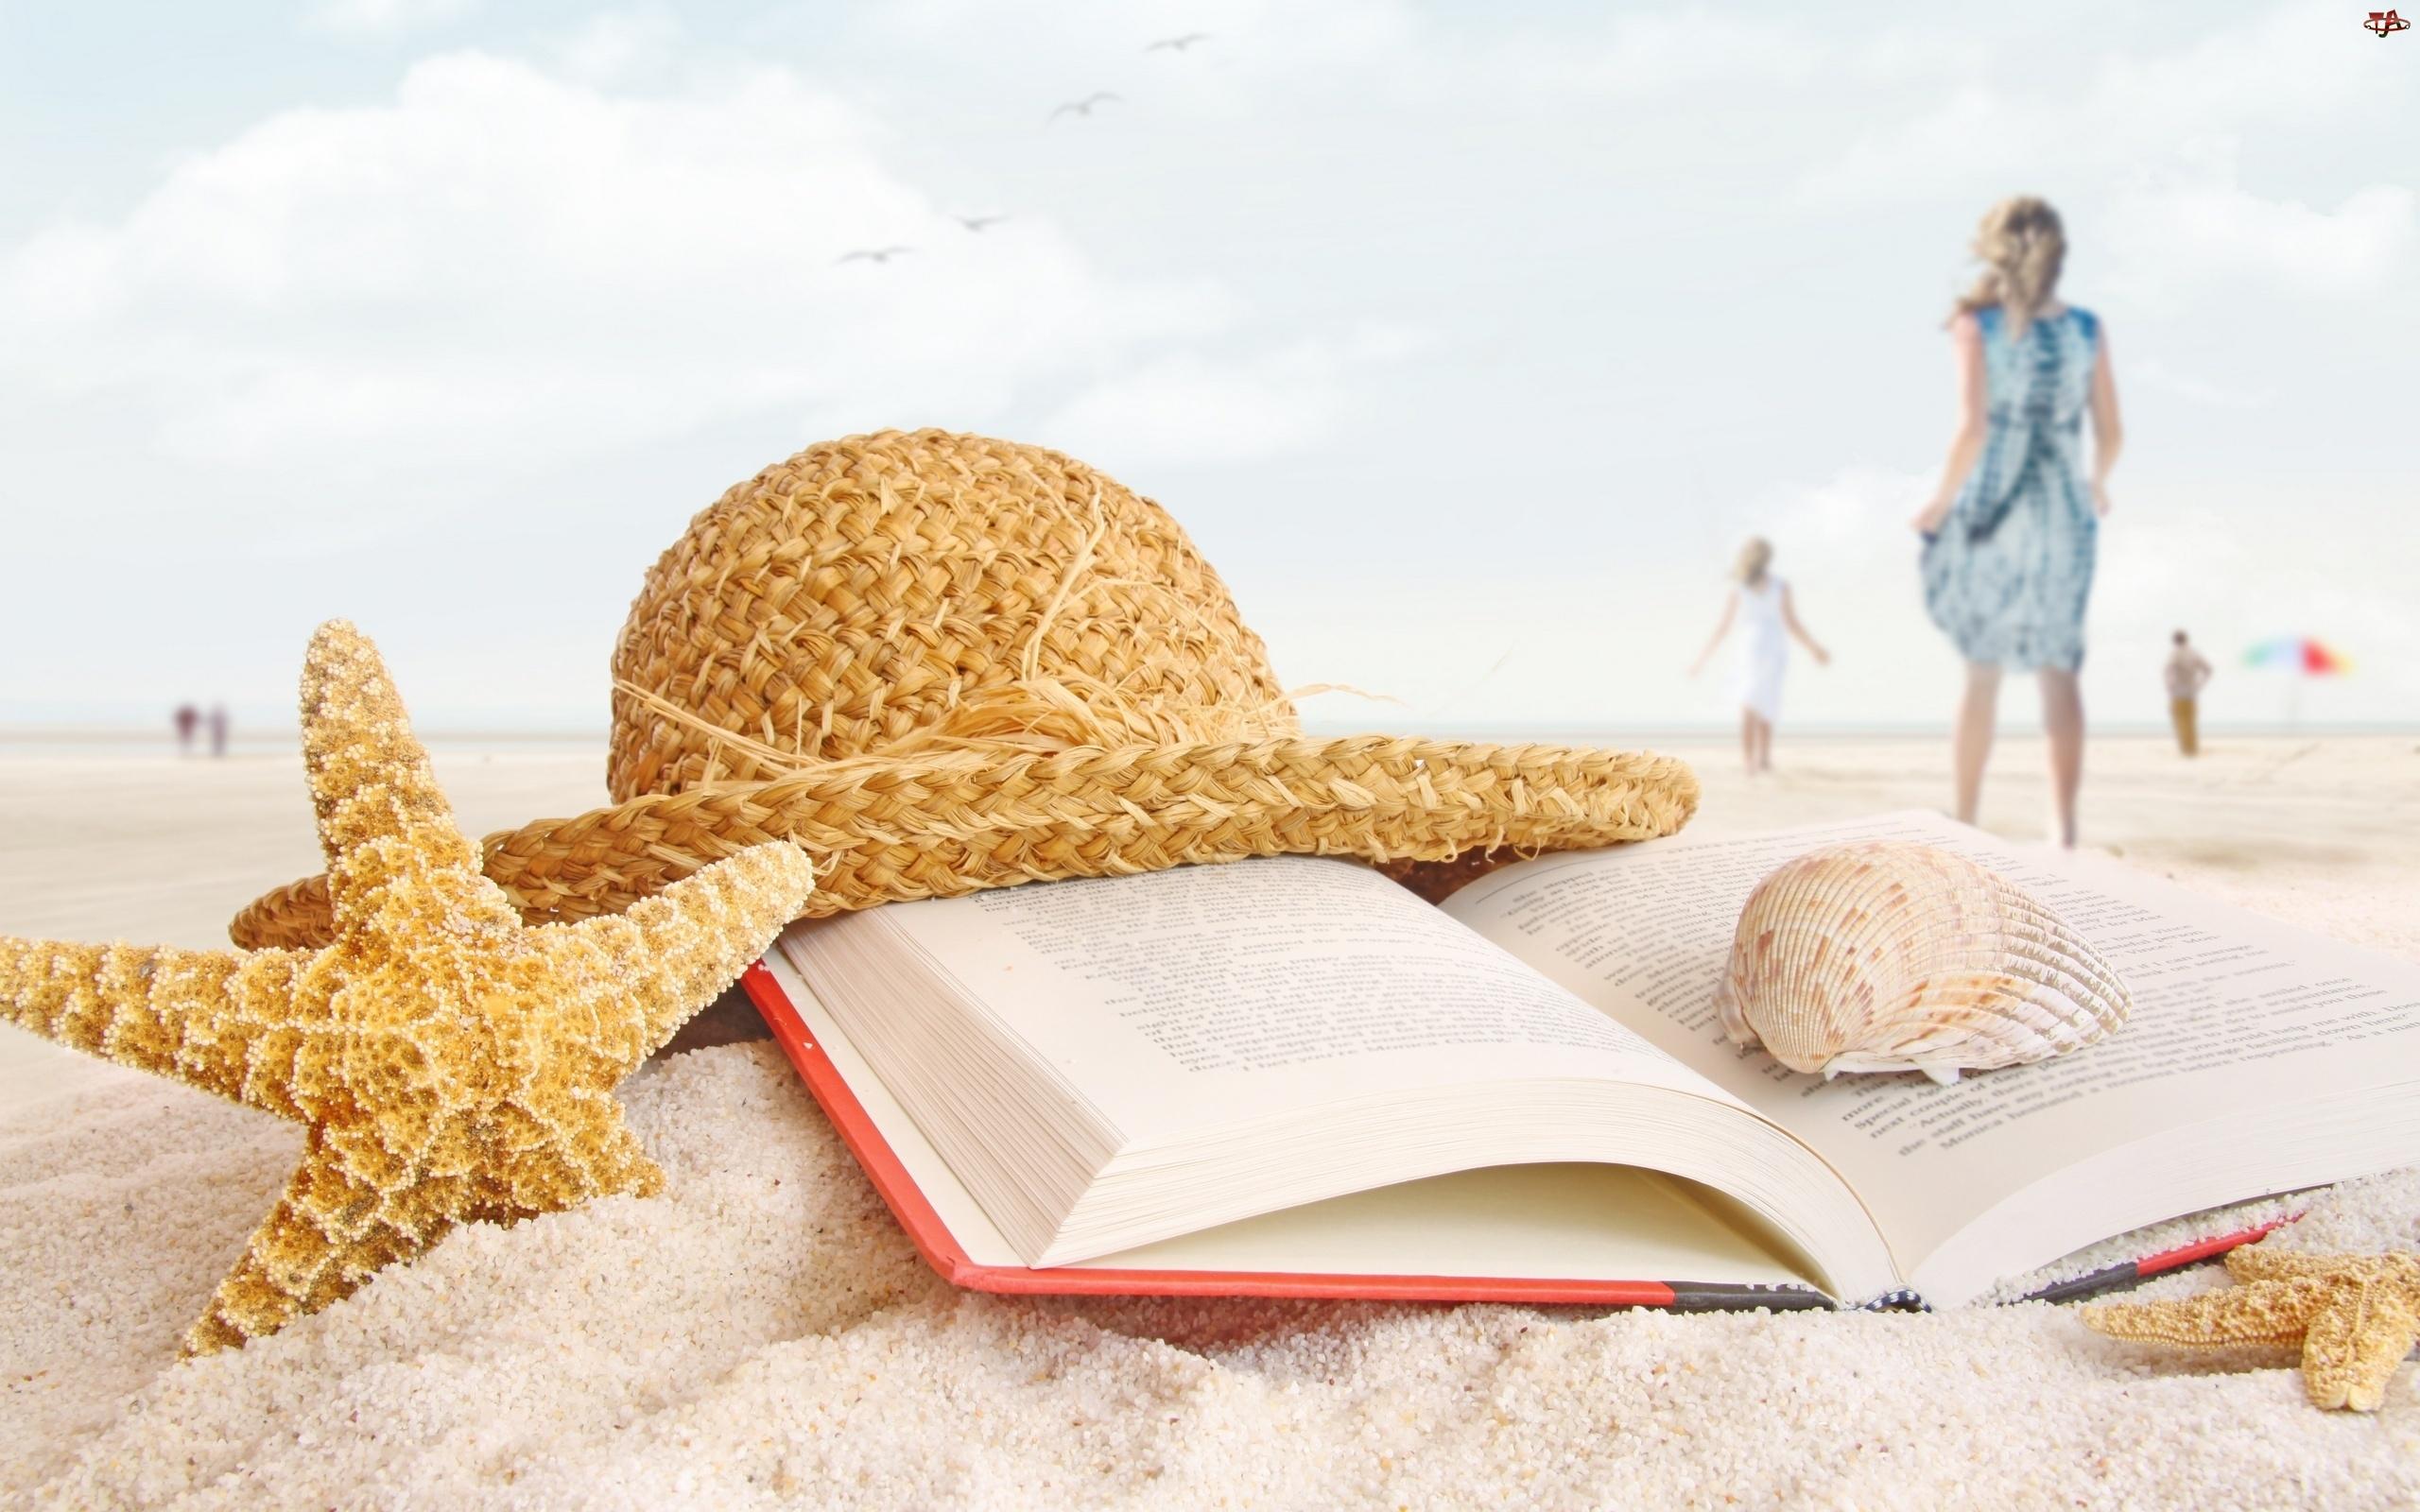 Rozgwiazdy, Plaża, Kapelusz, Książka, Muszelki